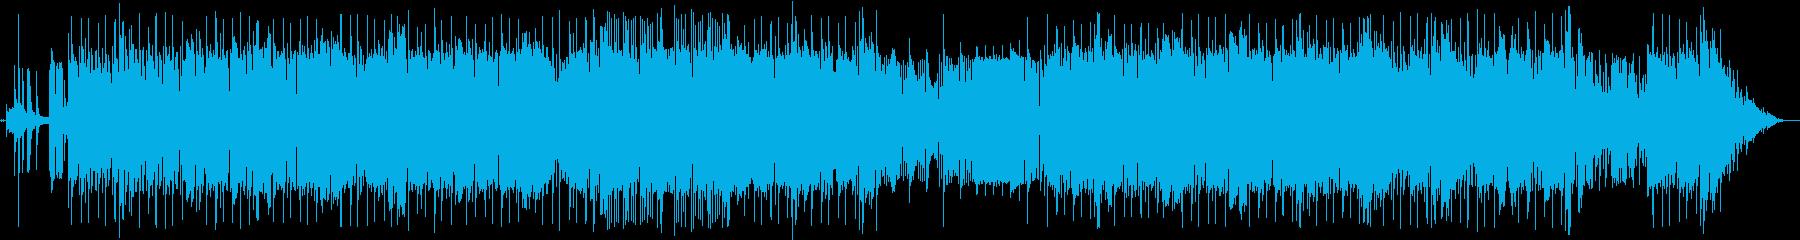 ピアノとカッティングギターのグルーヴの再生済みの波形